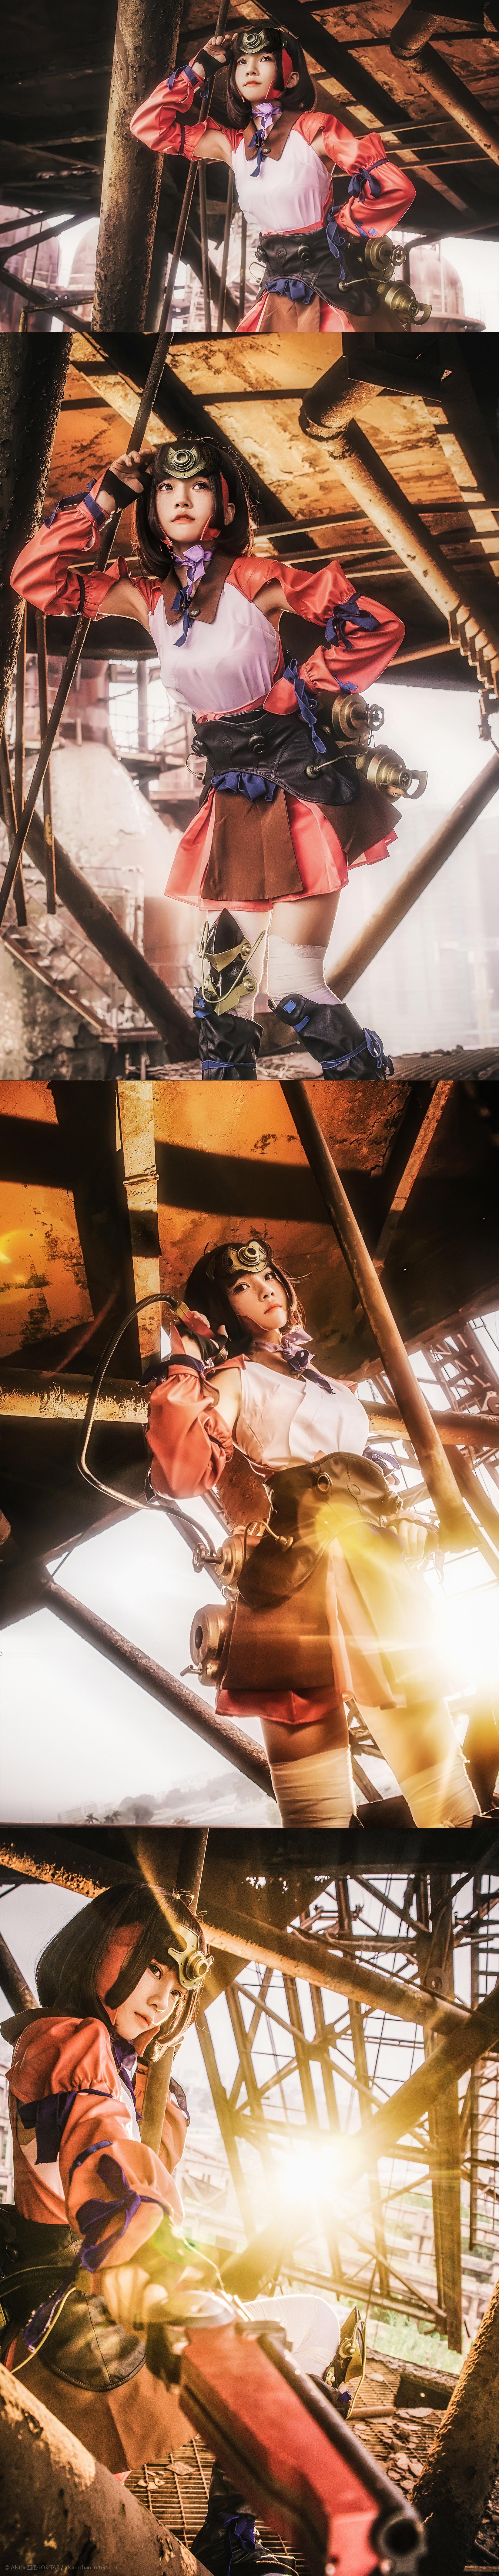 免费⭐微博红人⭐桜桃喵@写真cos-甲铁城的卡巴内瑞(桜桃喵)插图2